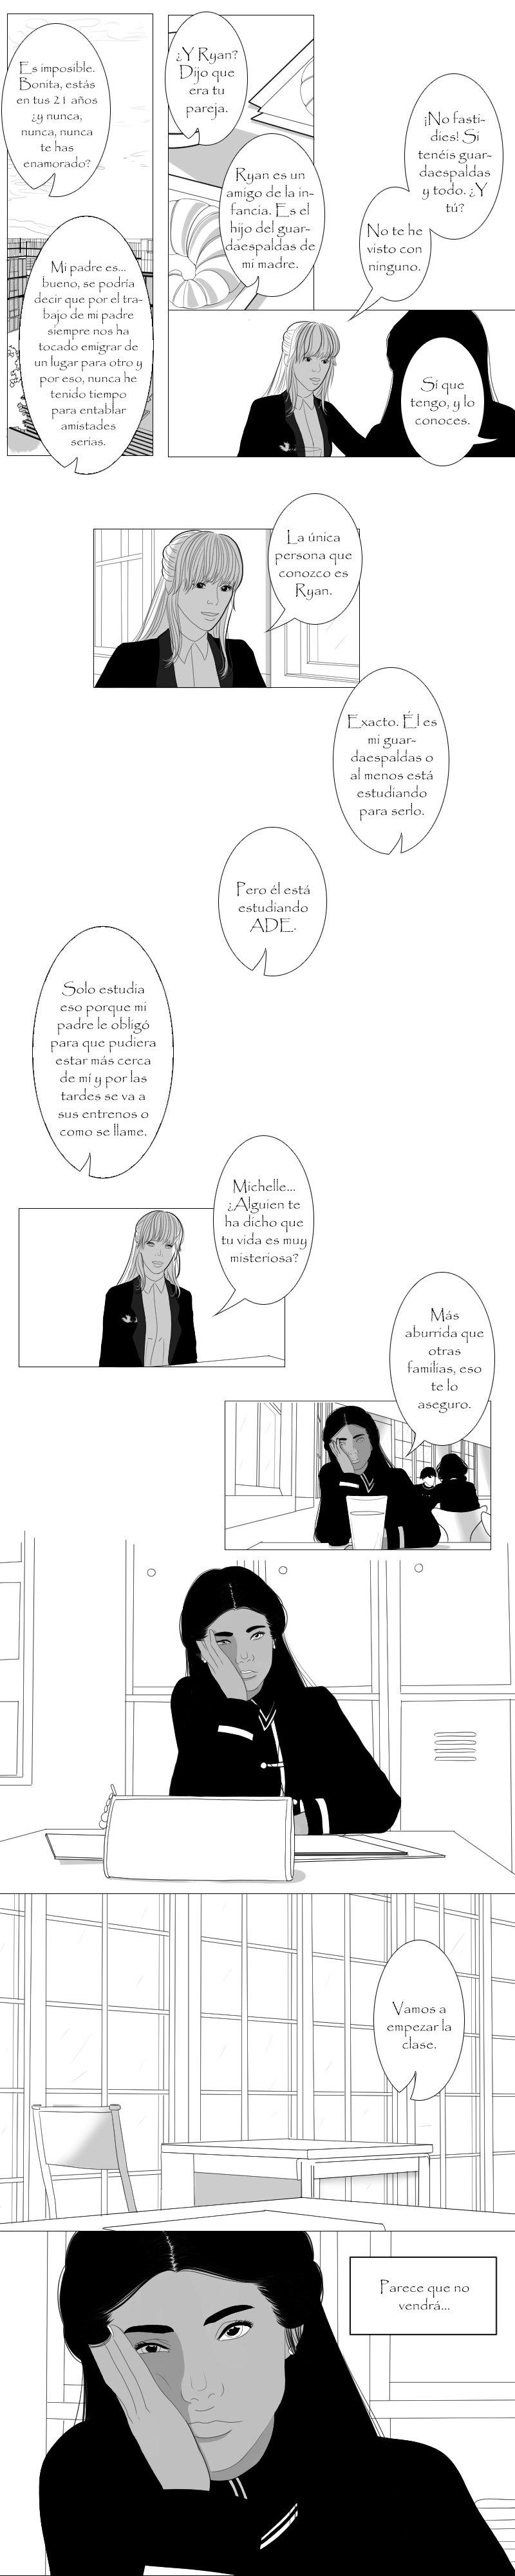 https://nine.mangadogs.com/es_manga/pic8/27/34331/951873/0081c83823b4323b5e68e4c8153d2145.jpg Page 1